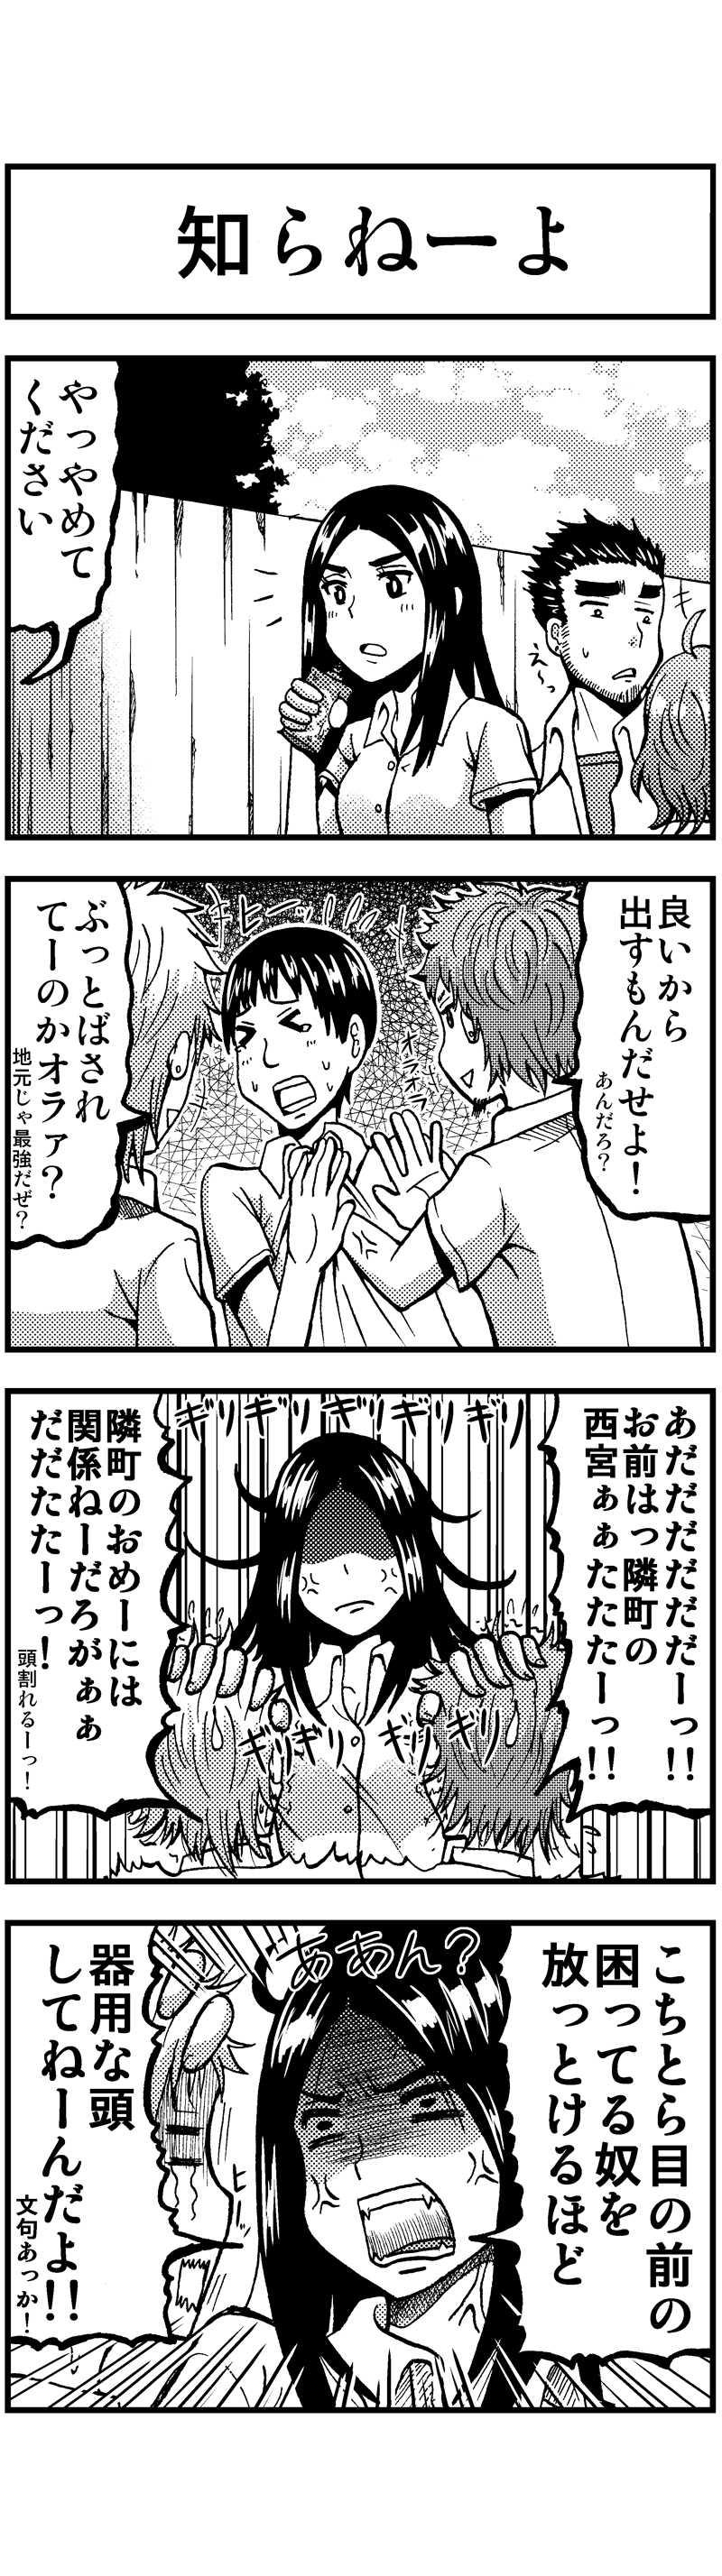 『姉御肌』